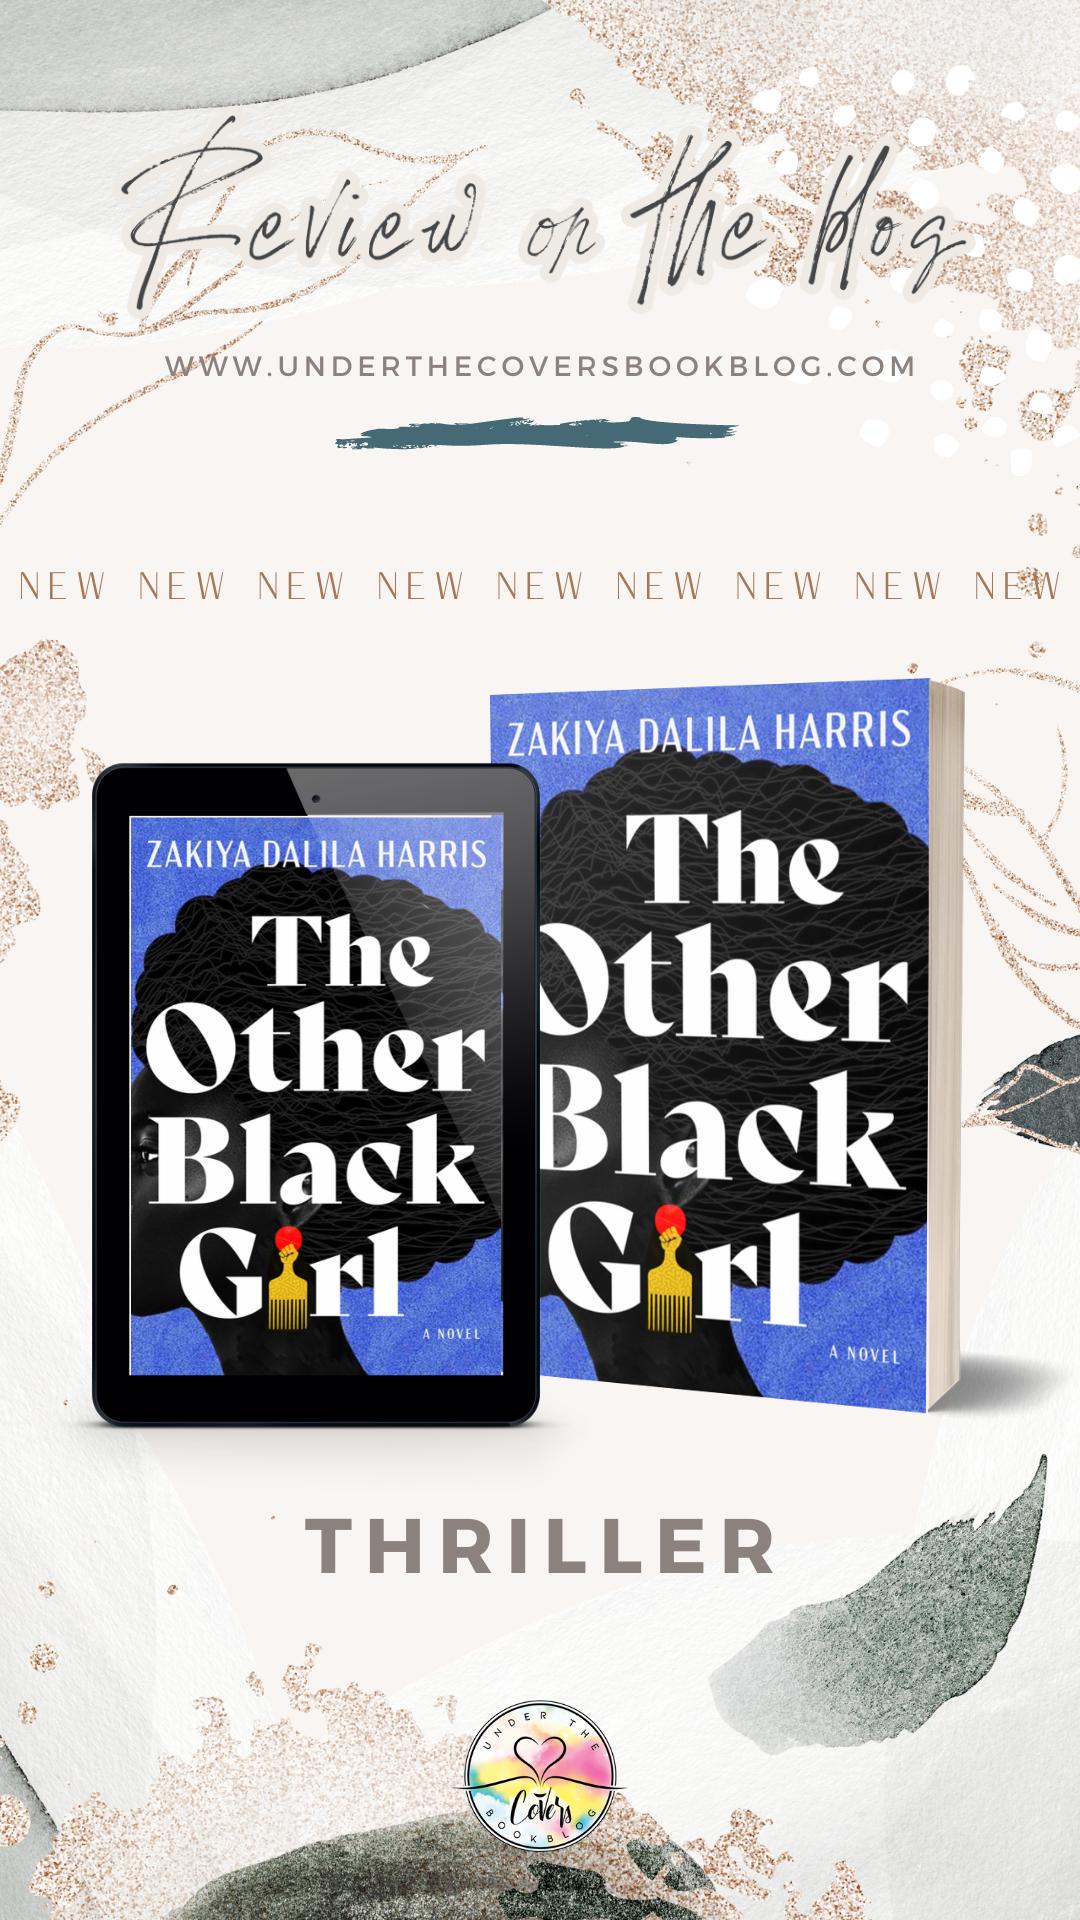 ARC Review: The Other Black Girl by Zakiya Dalila Harris